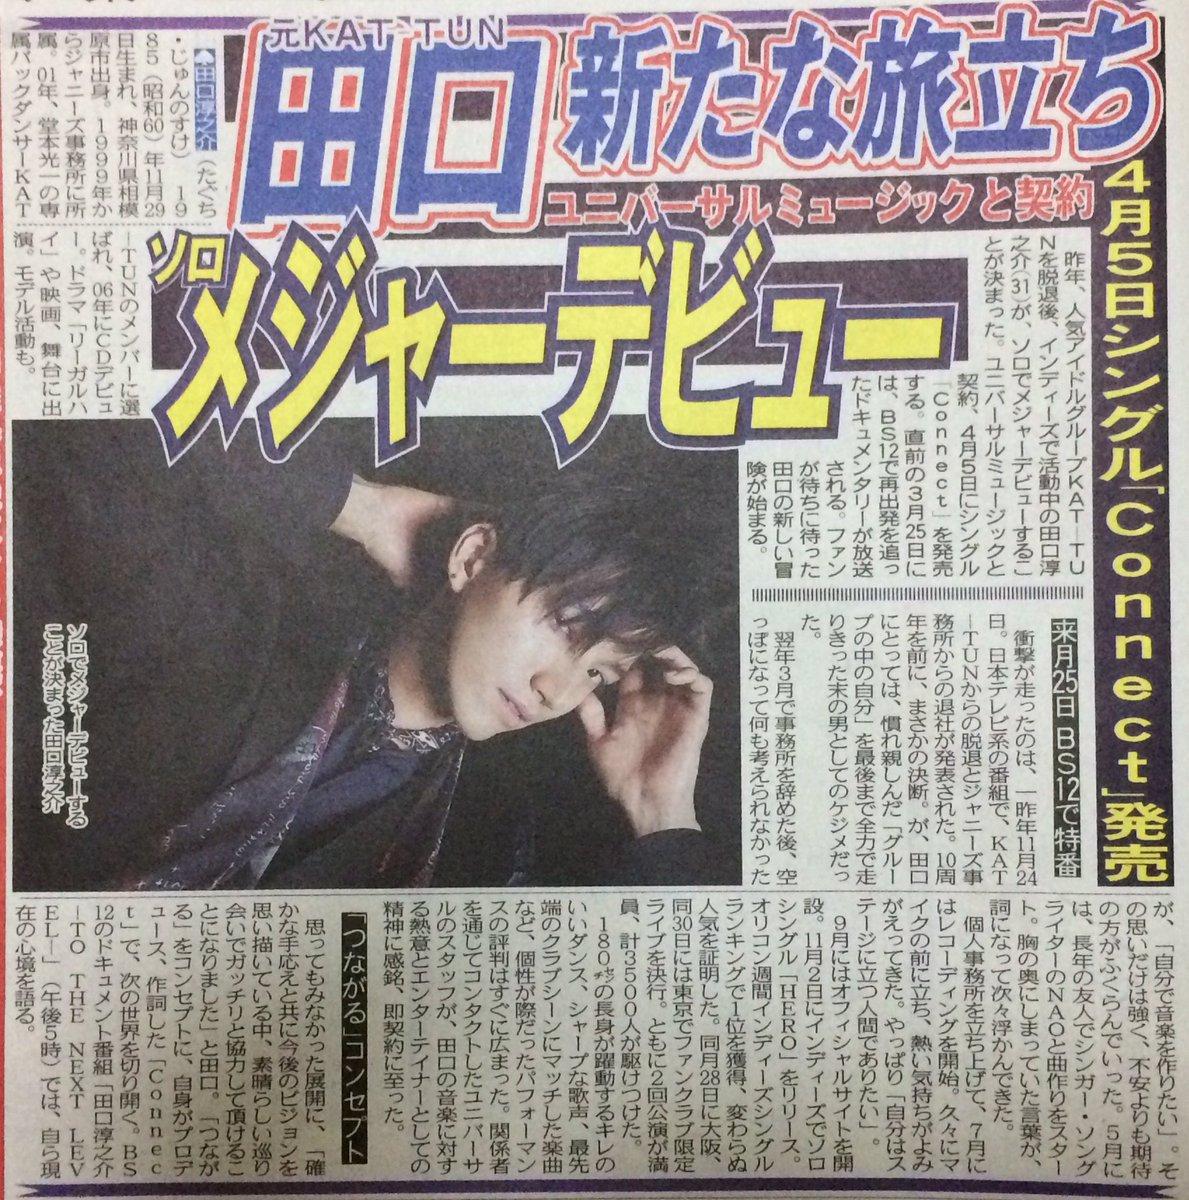 元KAT-TUN 田口淳之介 4/5にシングル「Connect」発売 ソロでメジャーデビュー  3/…